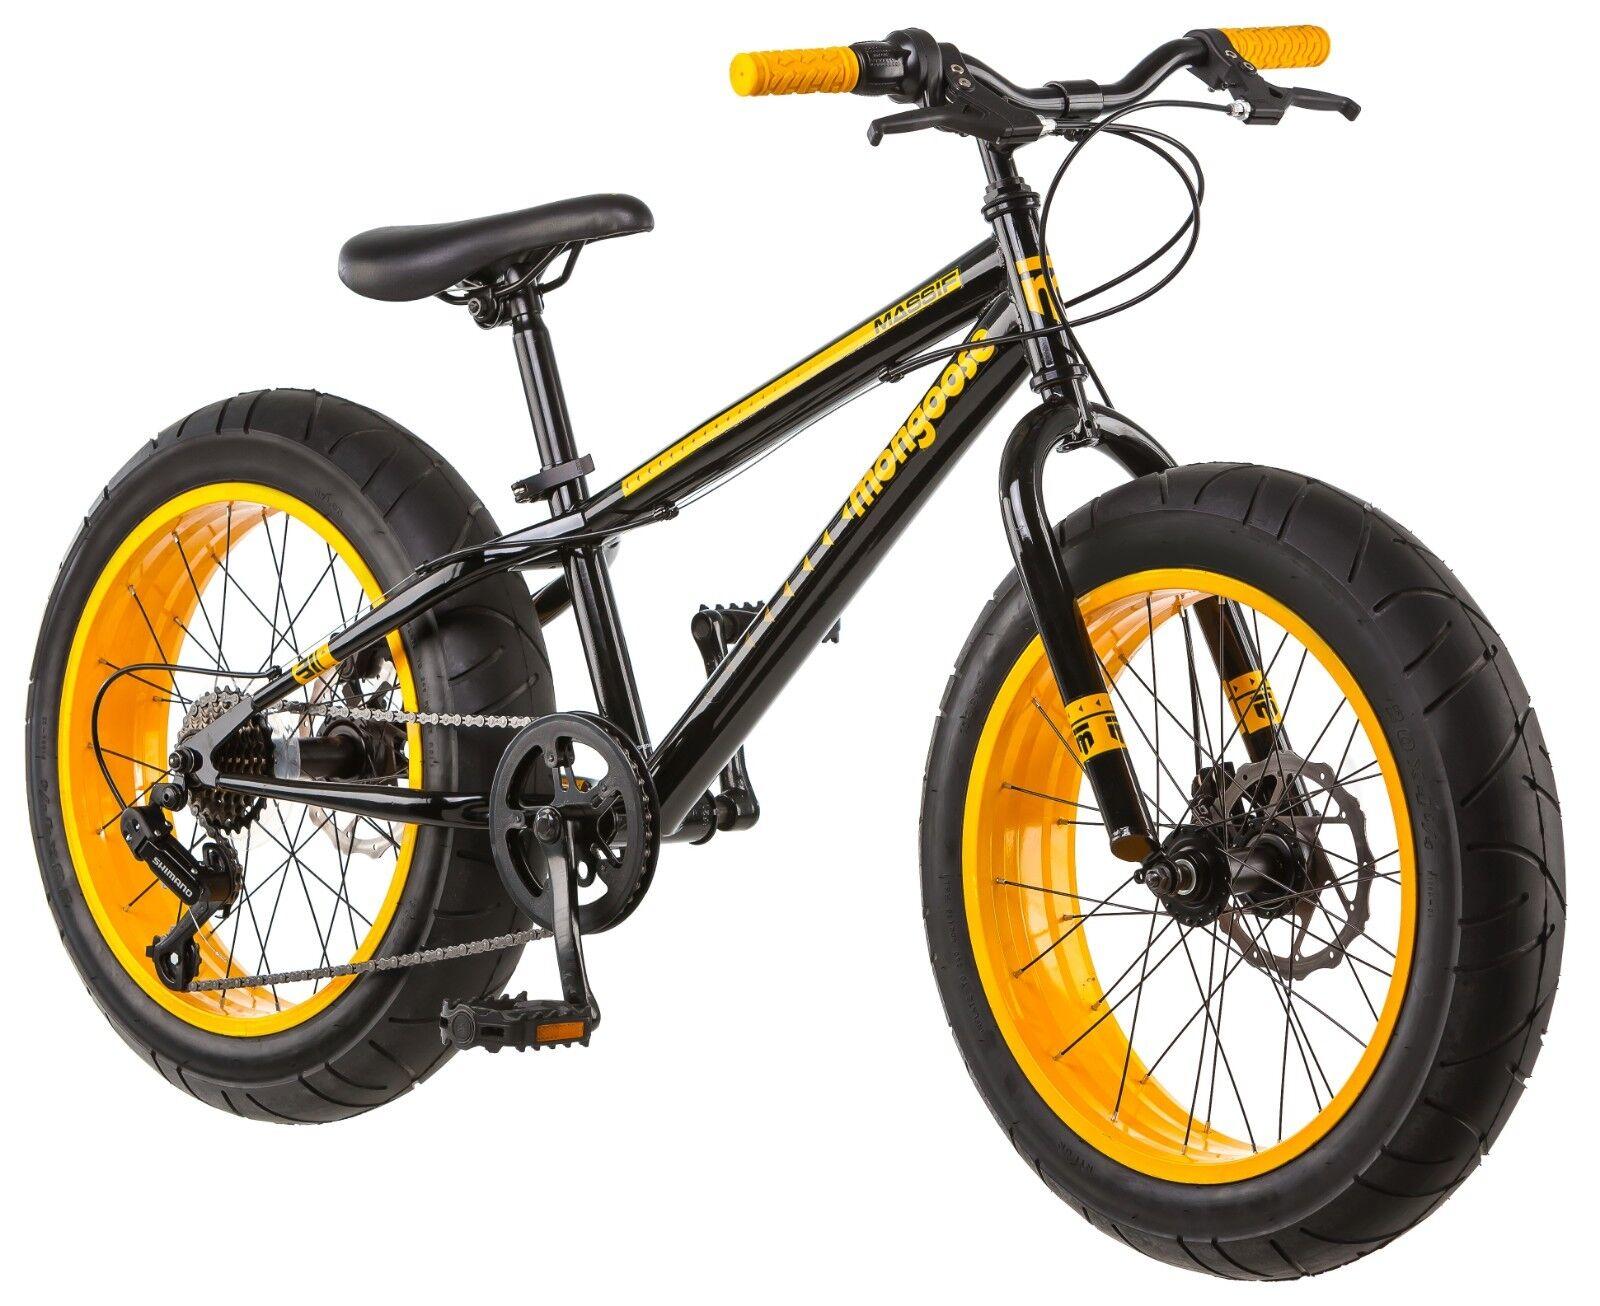 хватило картинки горный велосипед с широкими колесами желто оранжевый цвет названиях самих файловкартинок